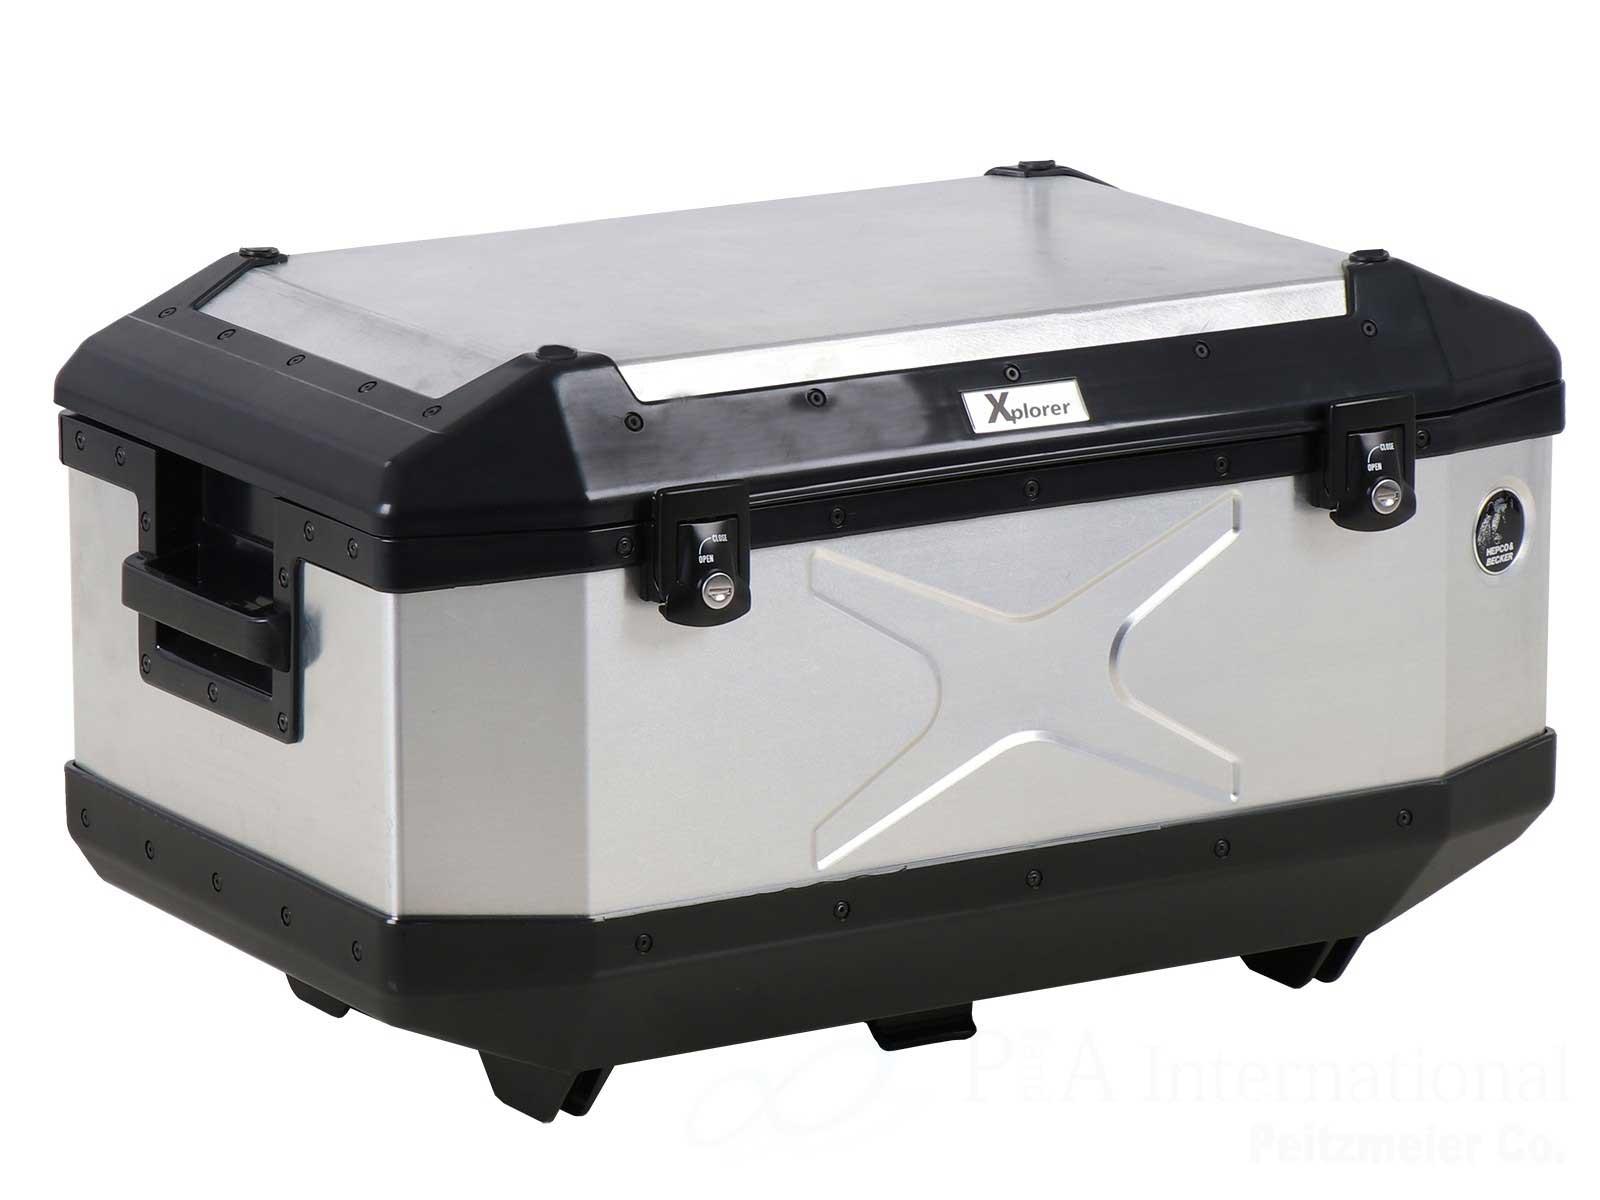 ヘプコ&ベッカー トップケース Xplorer / エクスプローラー TC60 シルバー